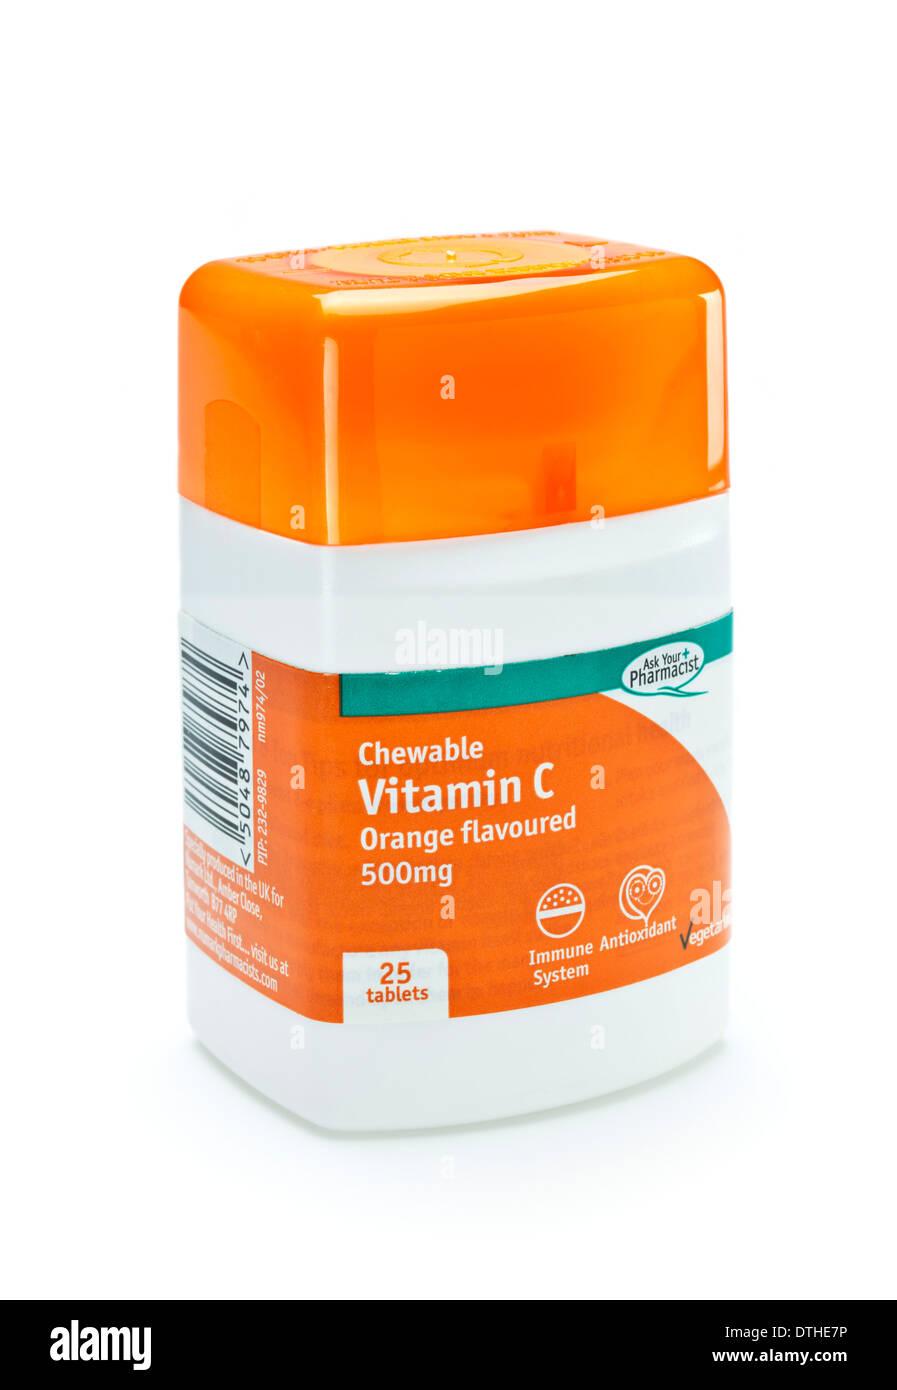 Las tabletas masticables de vitamina C en un frasco sobre un fondo blanco. Imagen De Stock